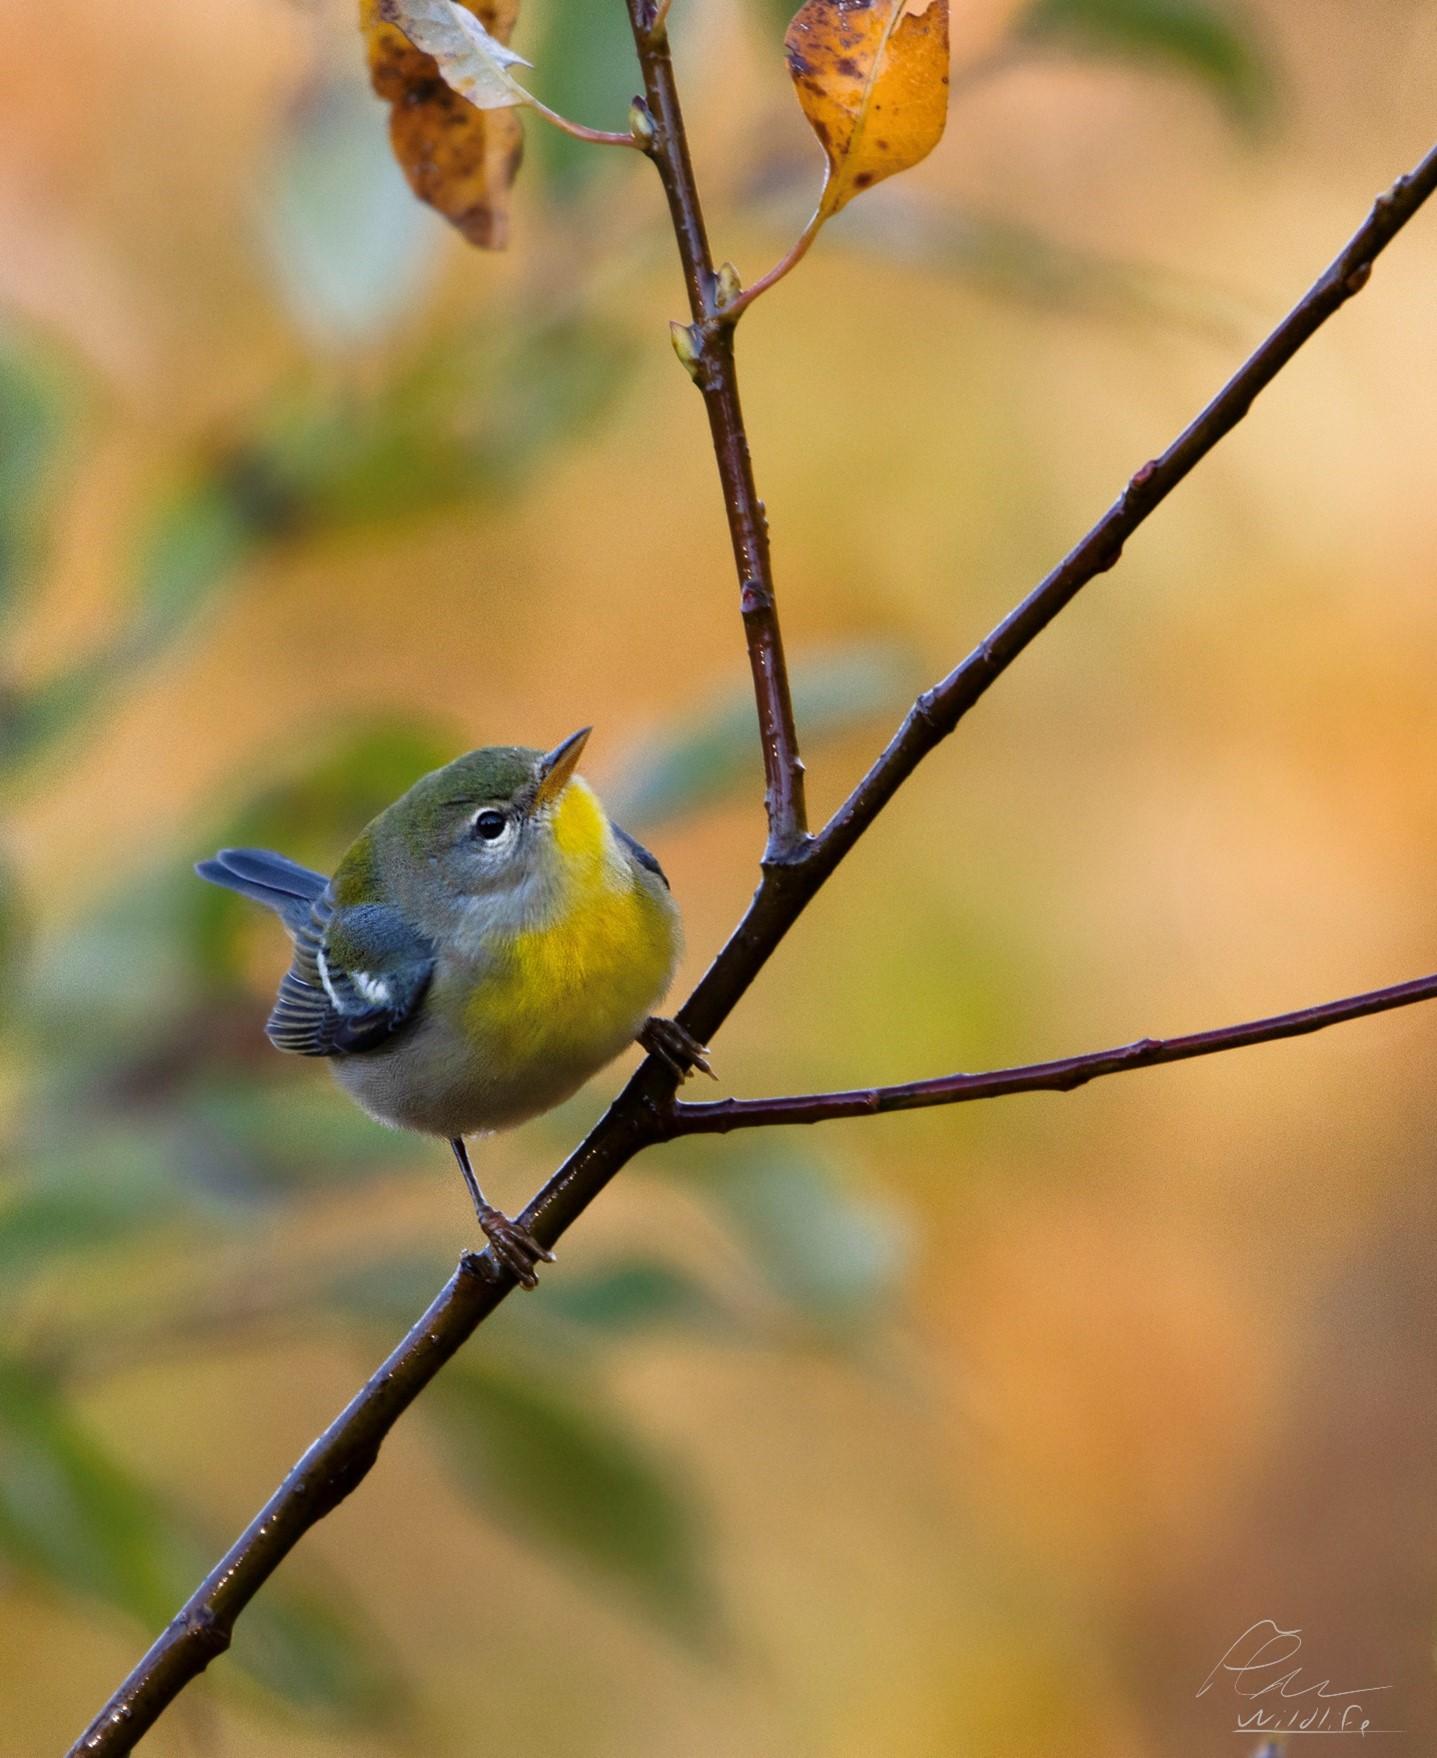 La paruline à collier est une espèce migratrice facilement observable à la réserve naturelle du Marais-Léon-Provancher. Même à l'automne, elle revêt de très belles couleurs permettant facilement de l'identifier,